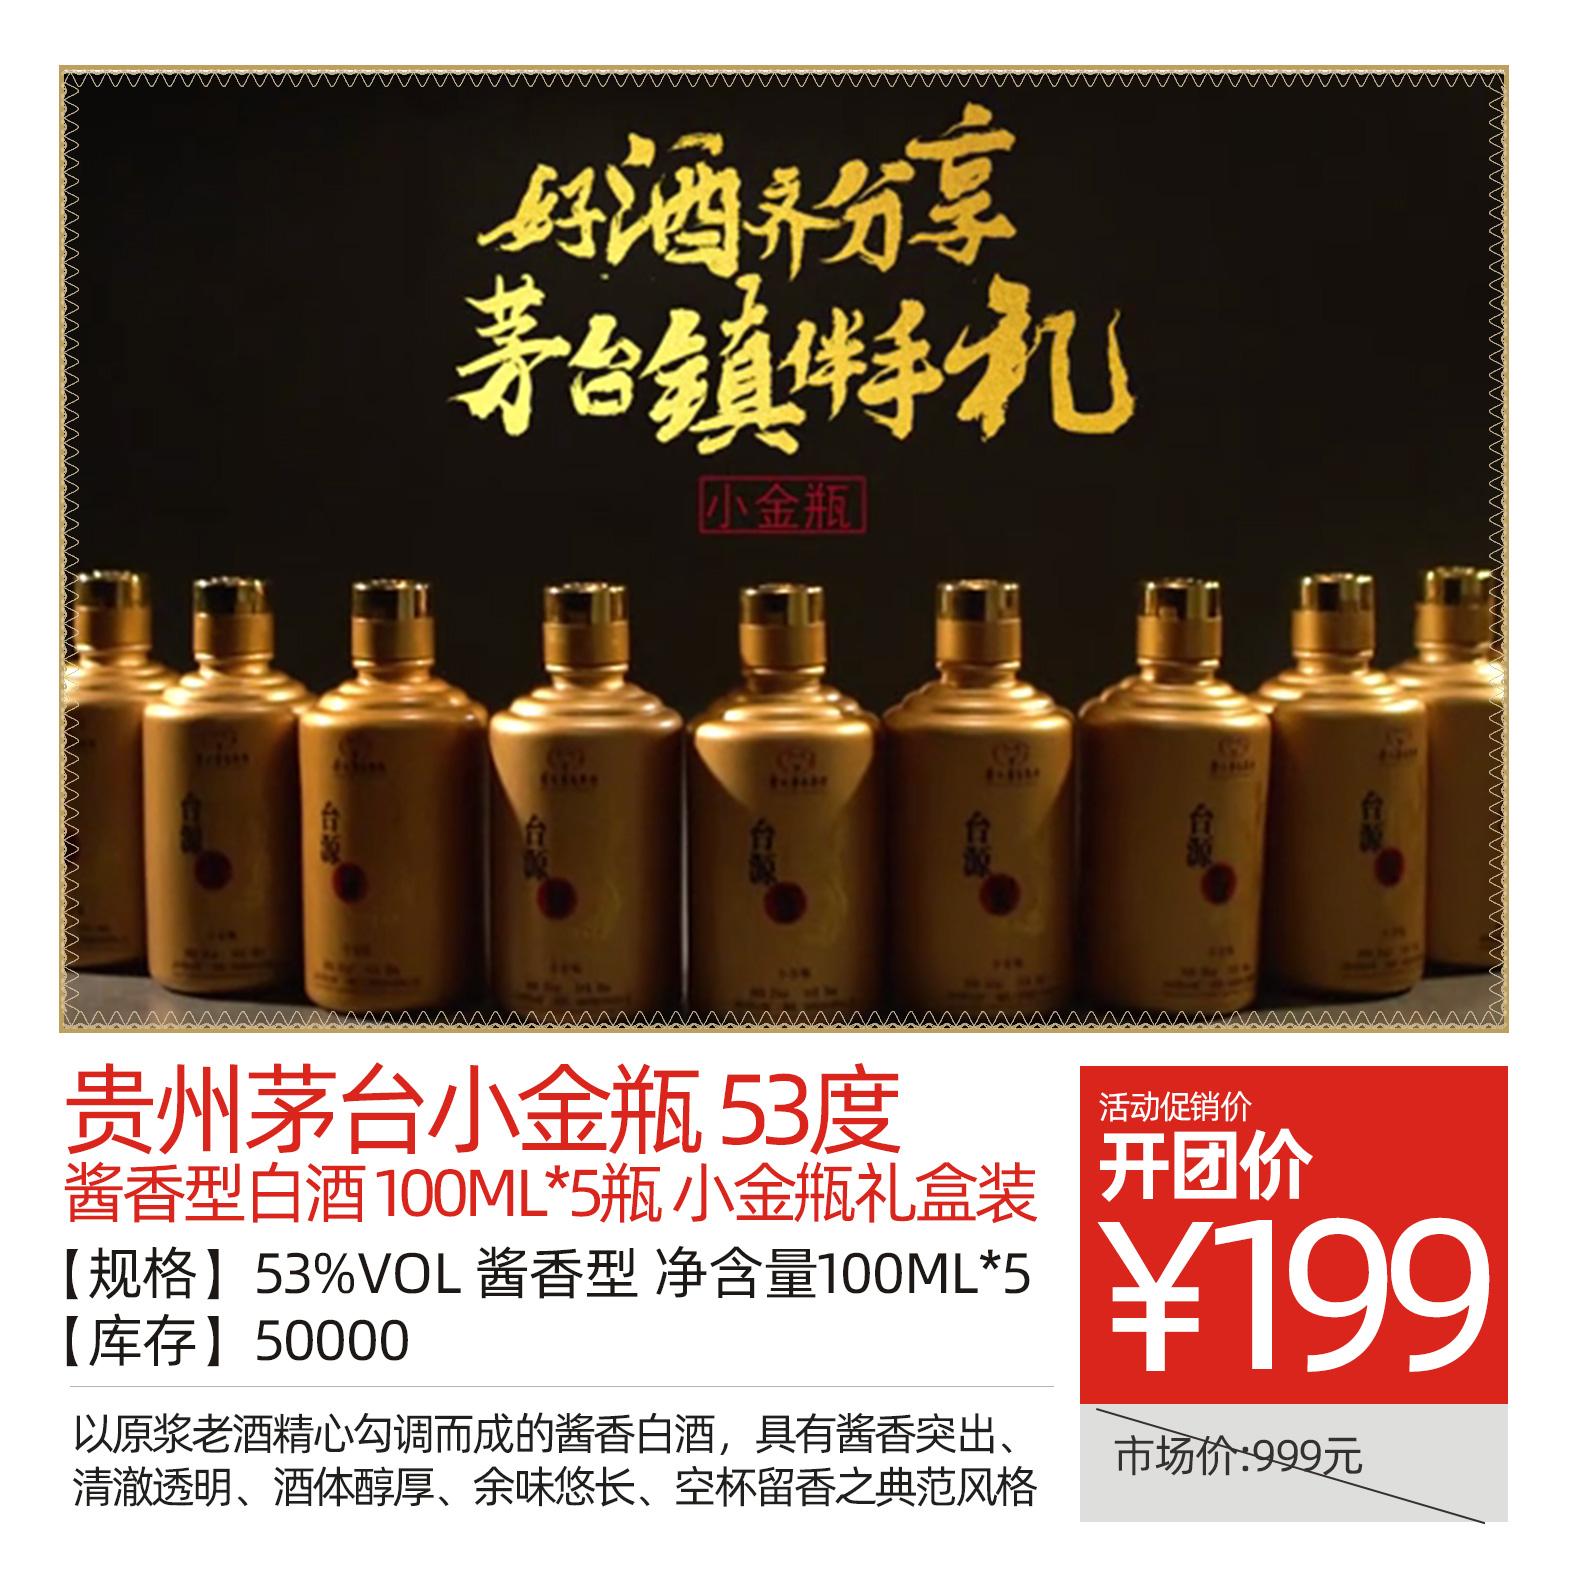 贵州茅台小金瓶 53度 酱香型白酒 100ml*5瓶 小金甁礼盒装--1000单起订